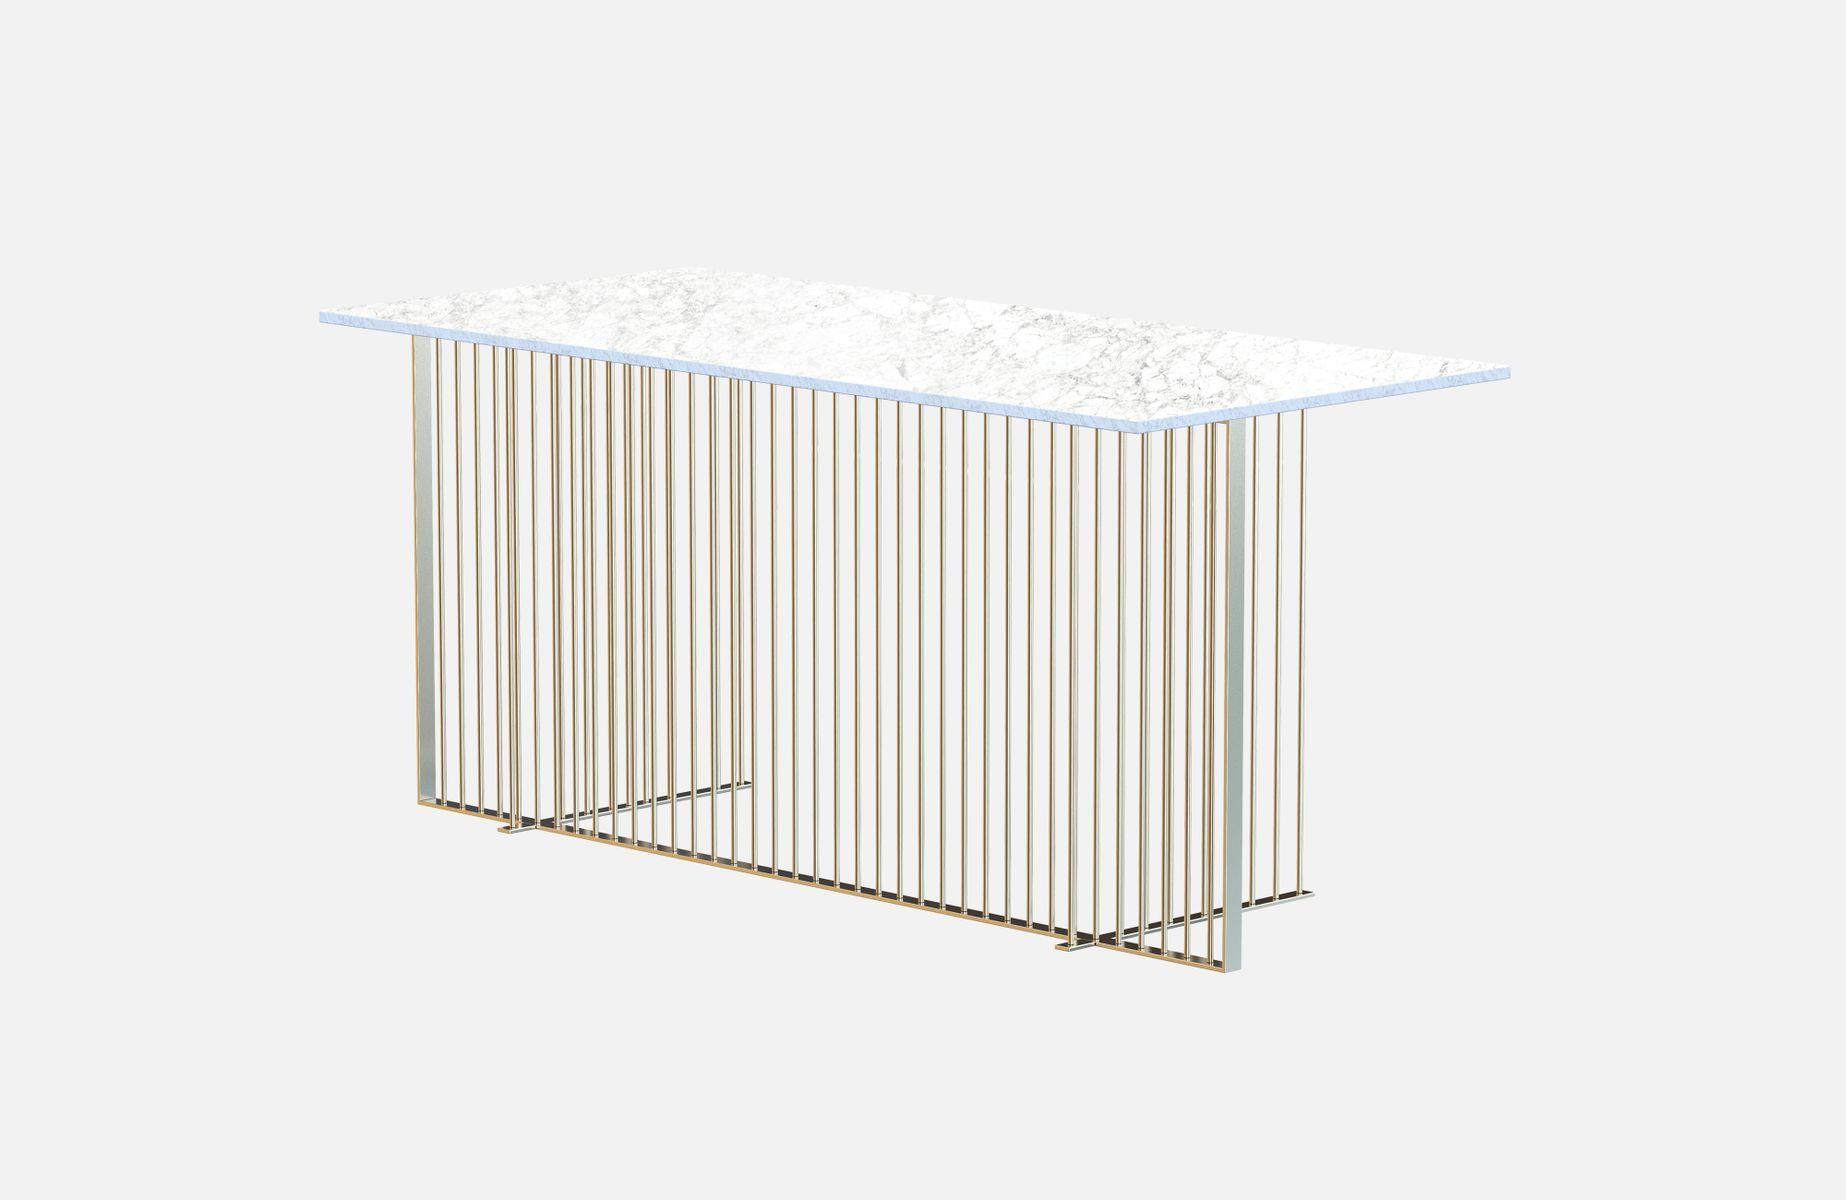 Bureau meister en plaqué laiton avec plateau en marbre blanc par